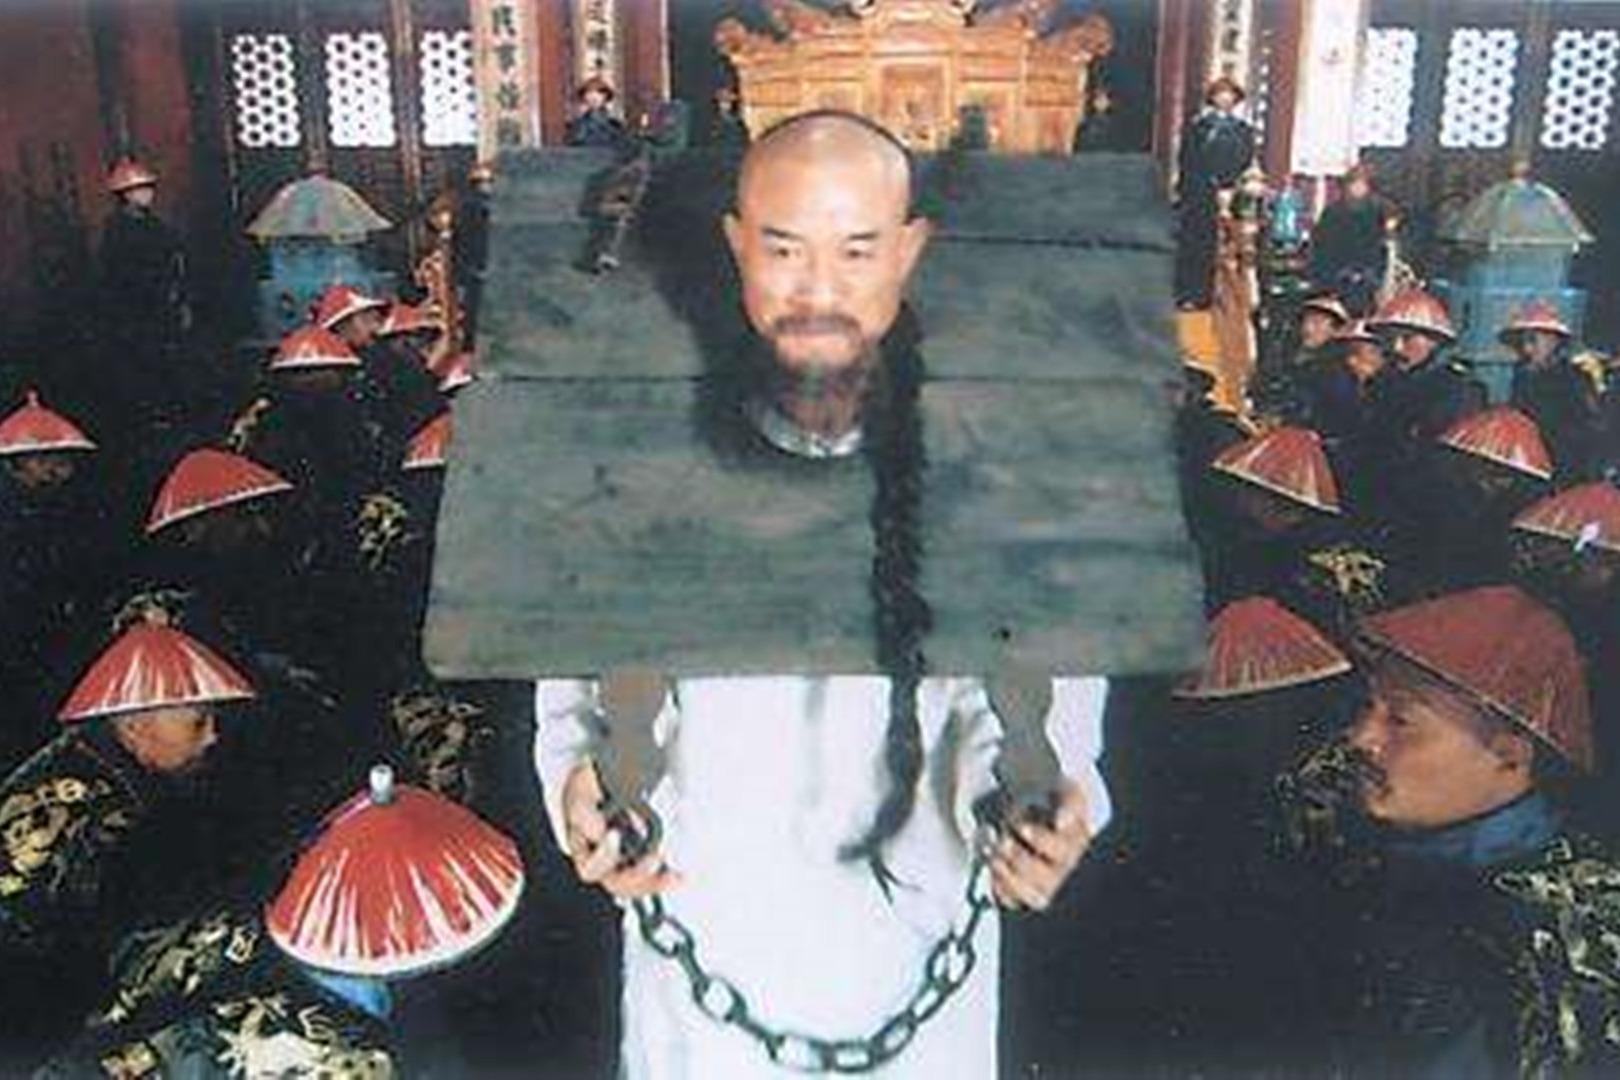 廖永忠立下赫赫战功,为什么最后会被坐罪赐死? 程天啸与霍家的恩怨